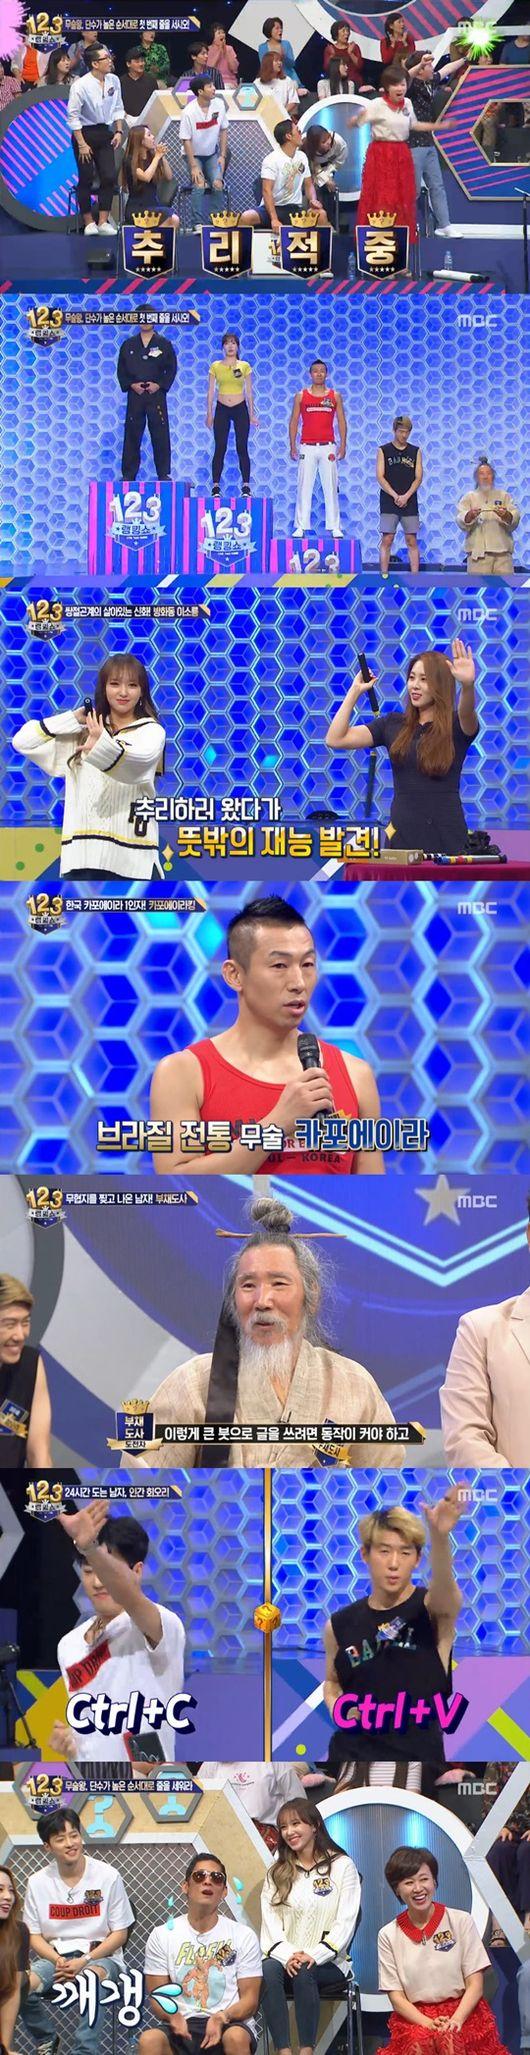 '랭킹쇼123' 홍진호, 한 번에 '정답'...추리 물올랐다 [종합]